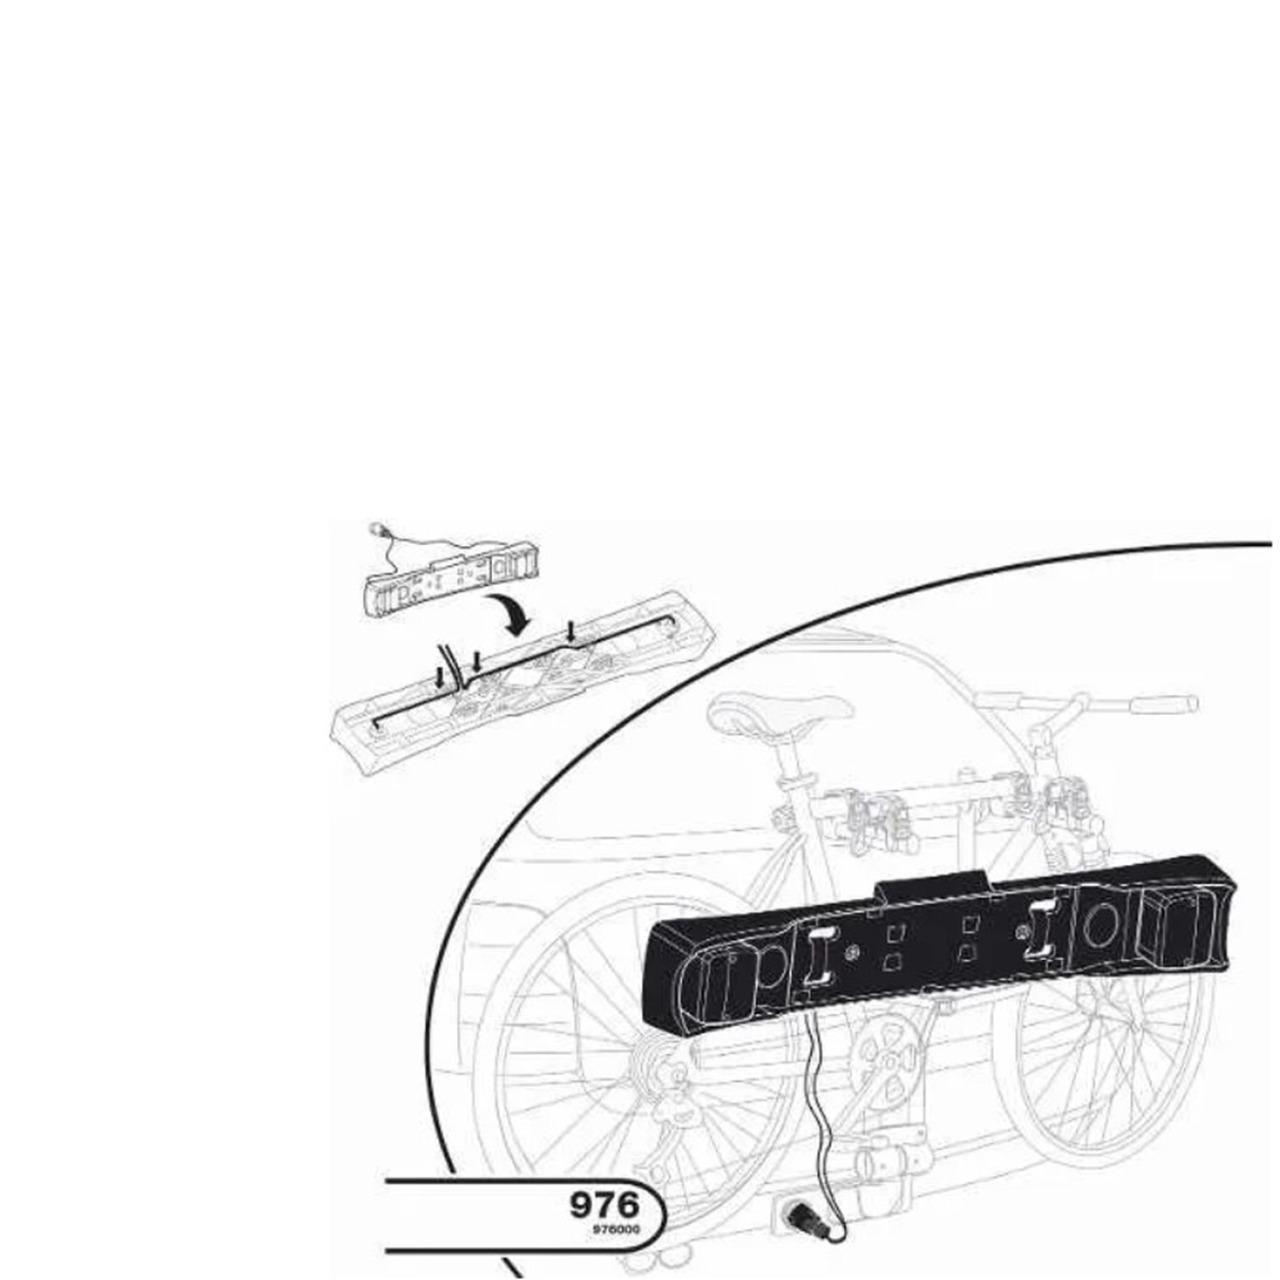 Placa com Luzes Thule para Suporte de Bicicleta 976